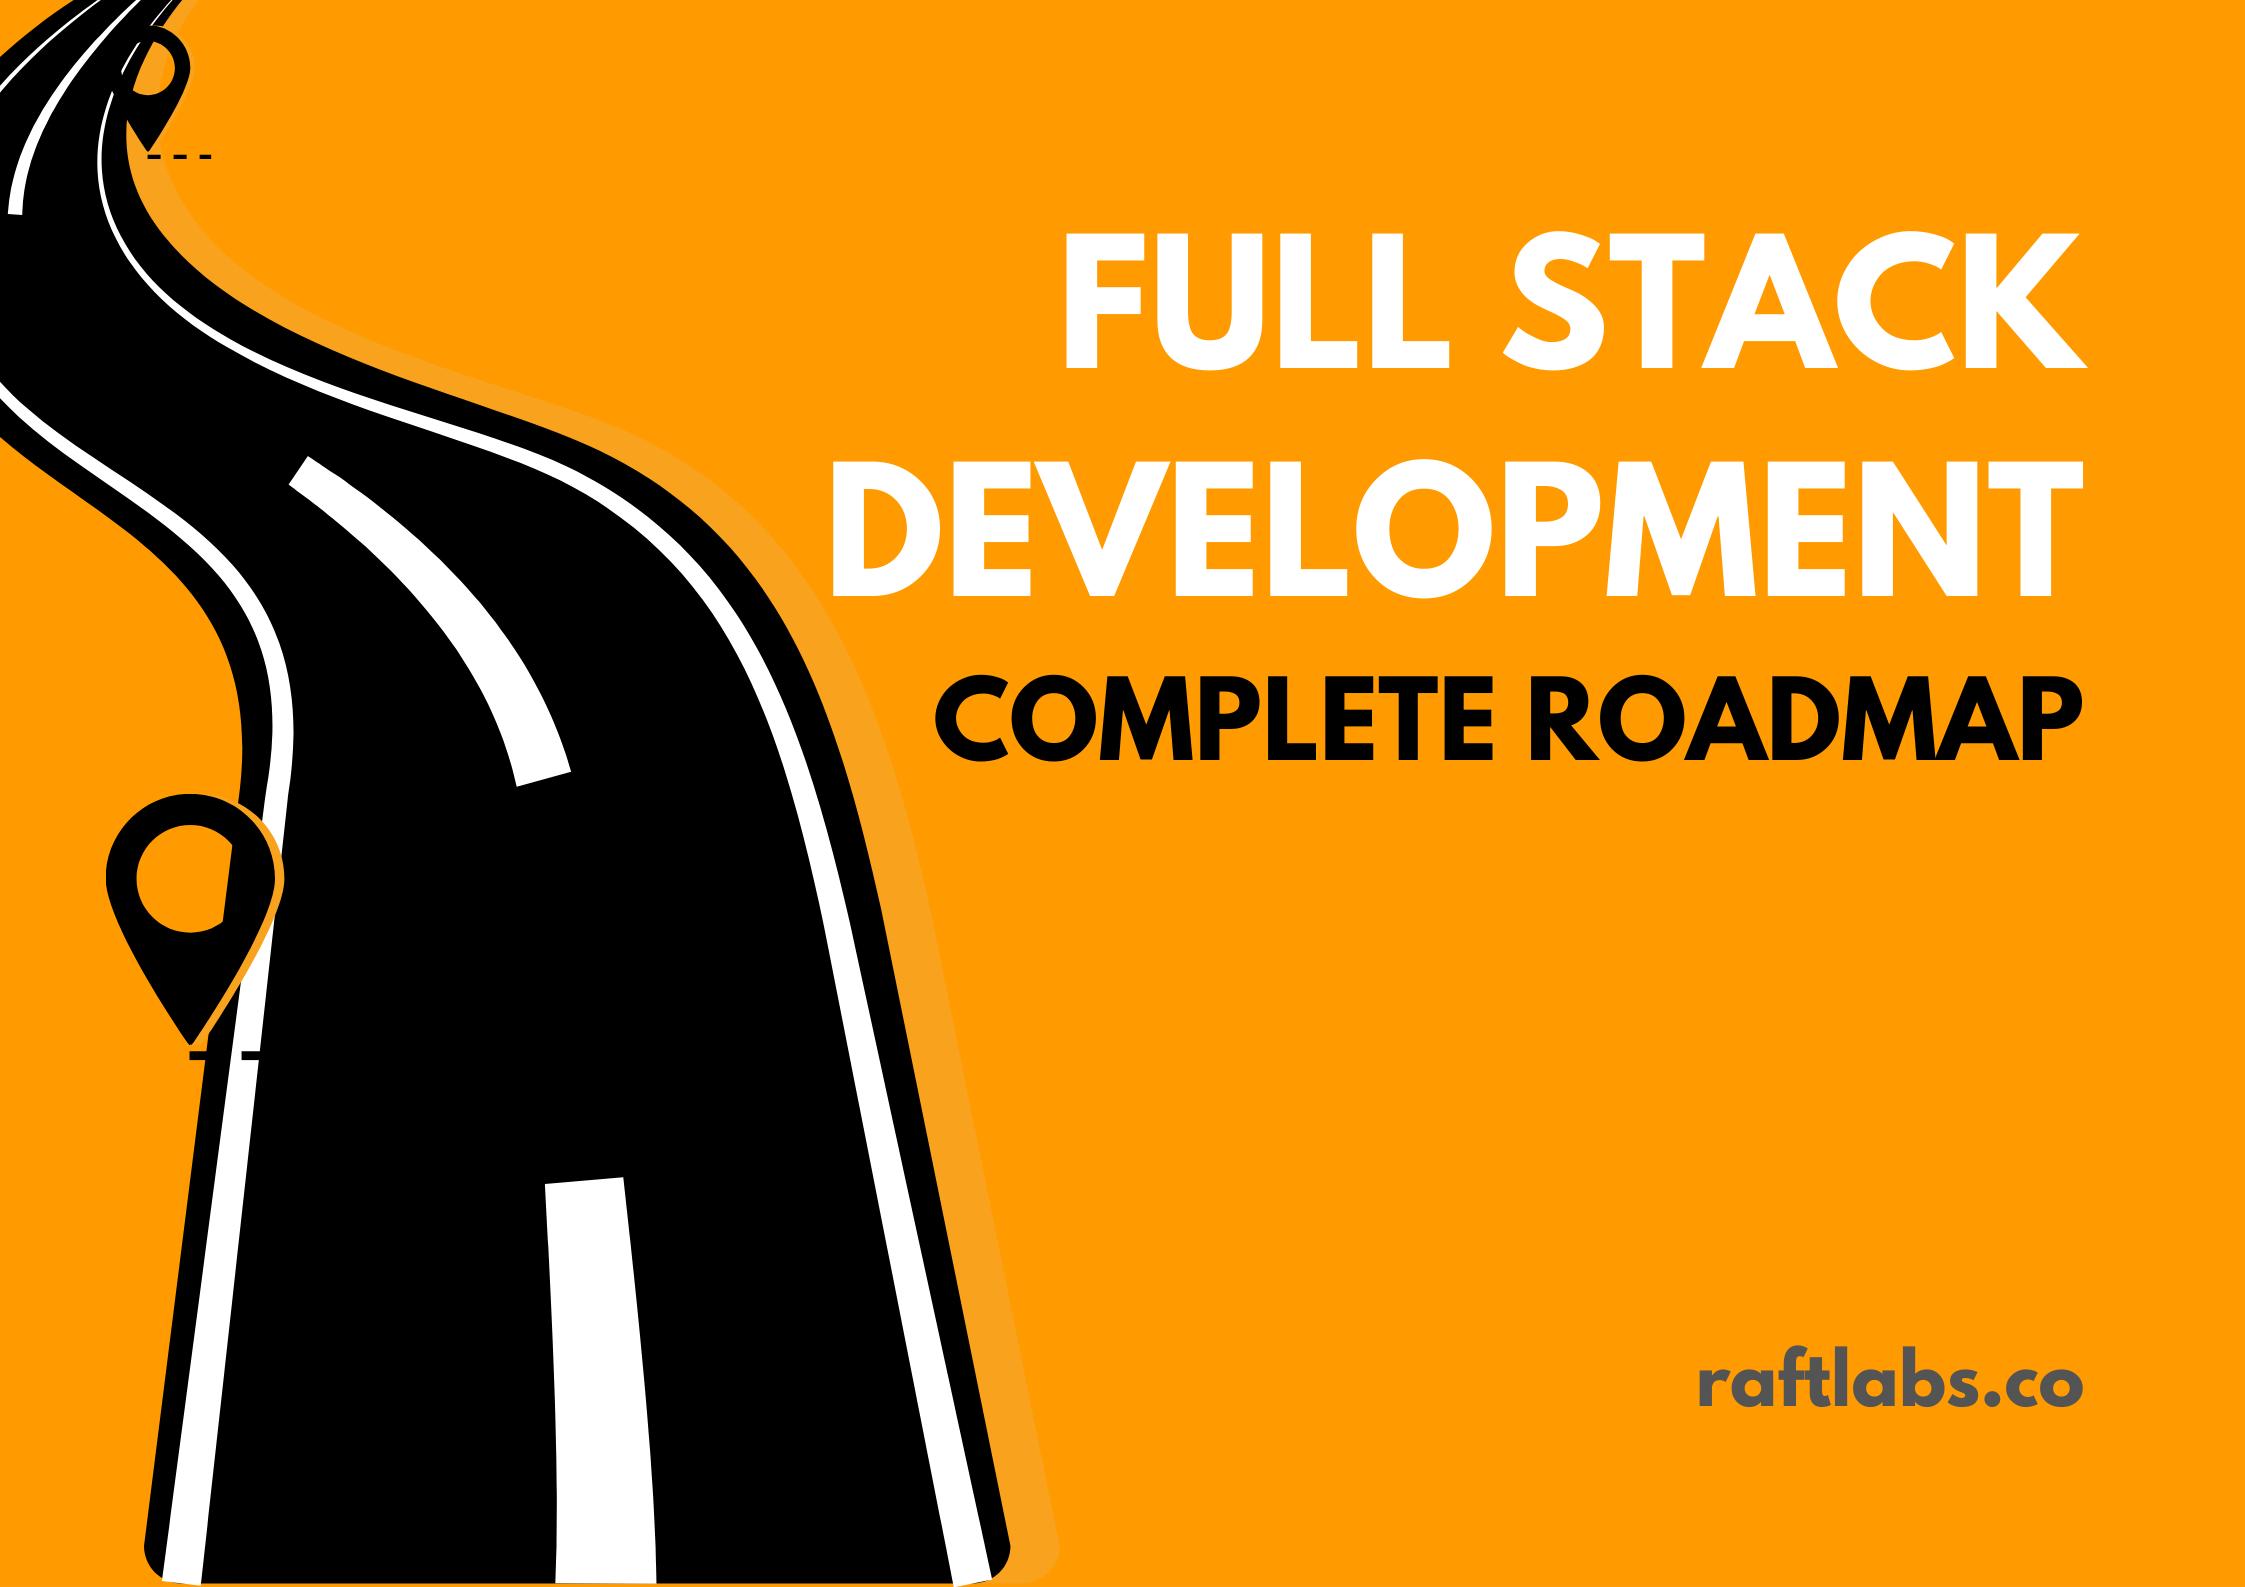 Thumbnail of Complete Roadmap of Full Stack Developer